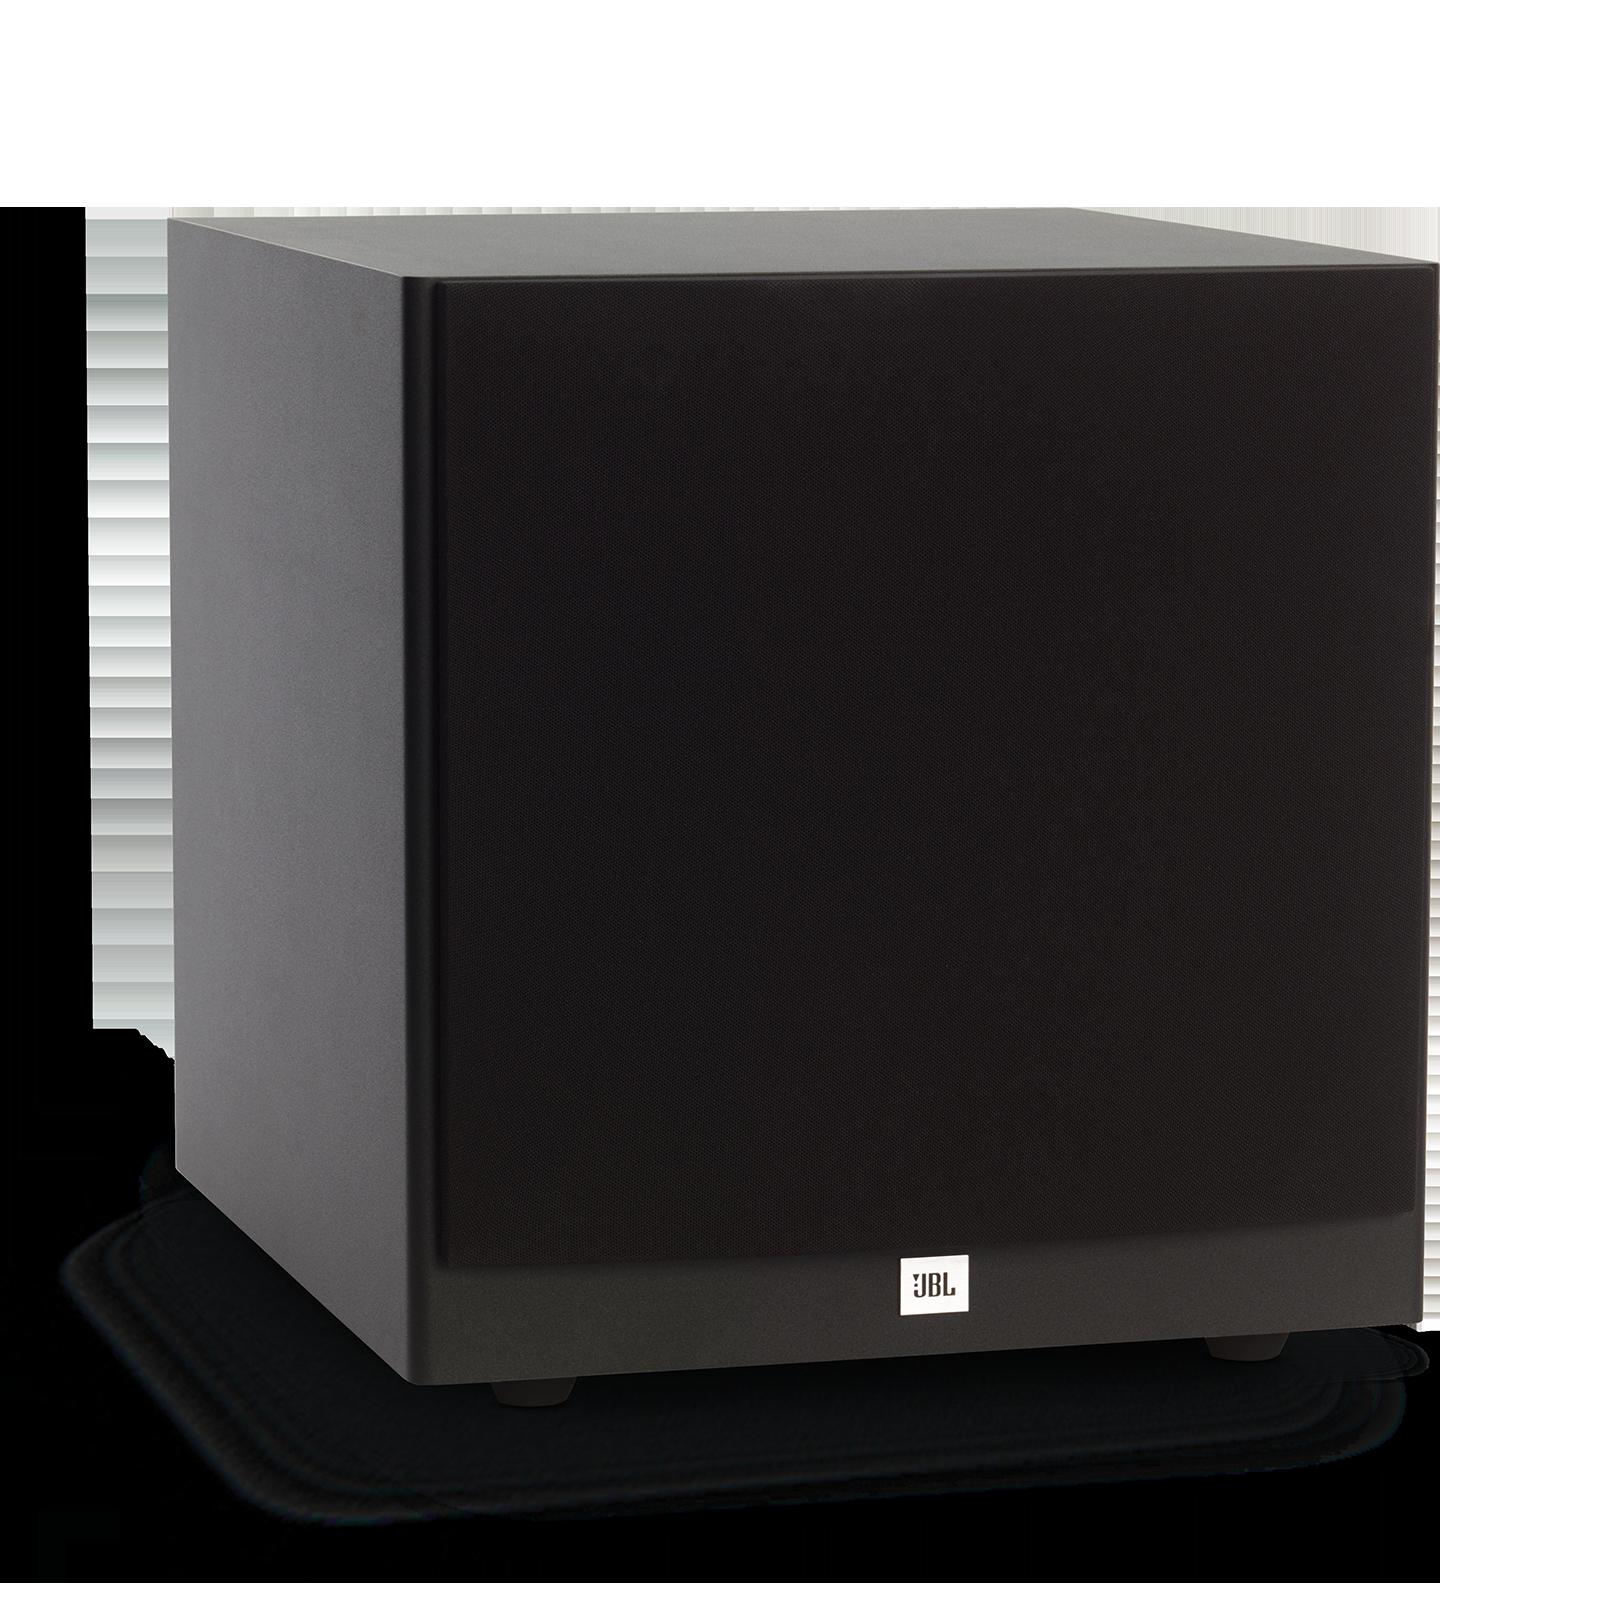 JBL Stage A120P - Black - Home Audio Loudspeaker System - Hero